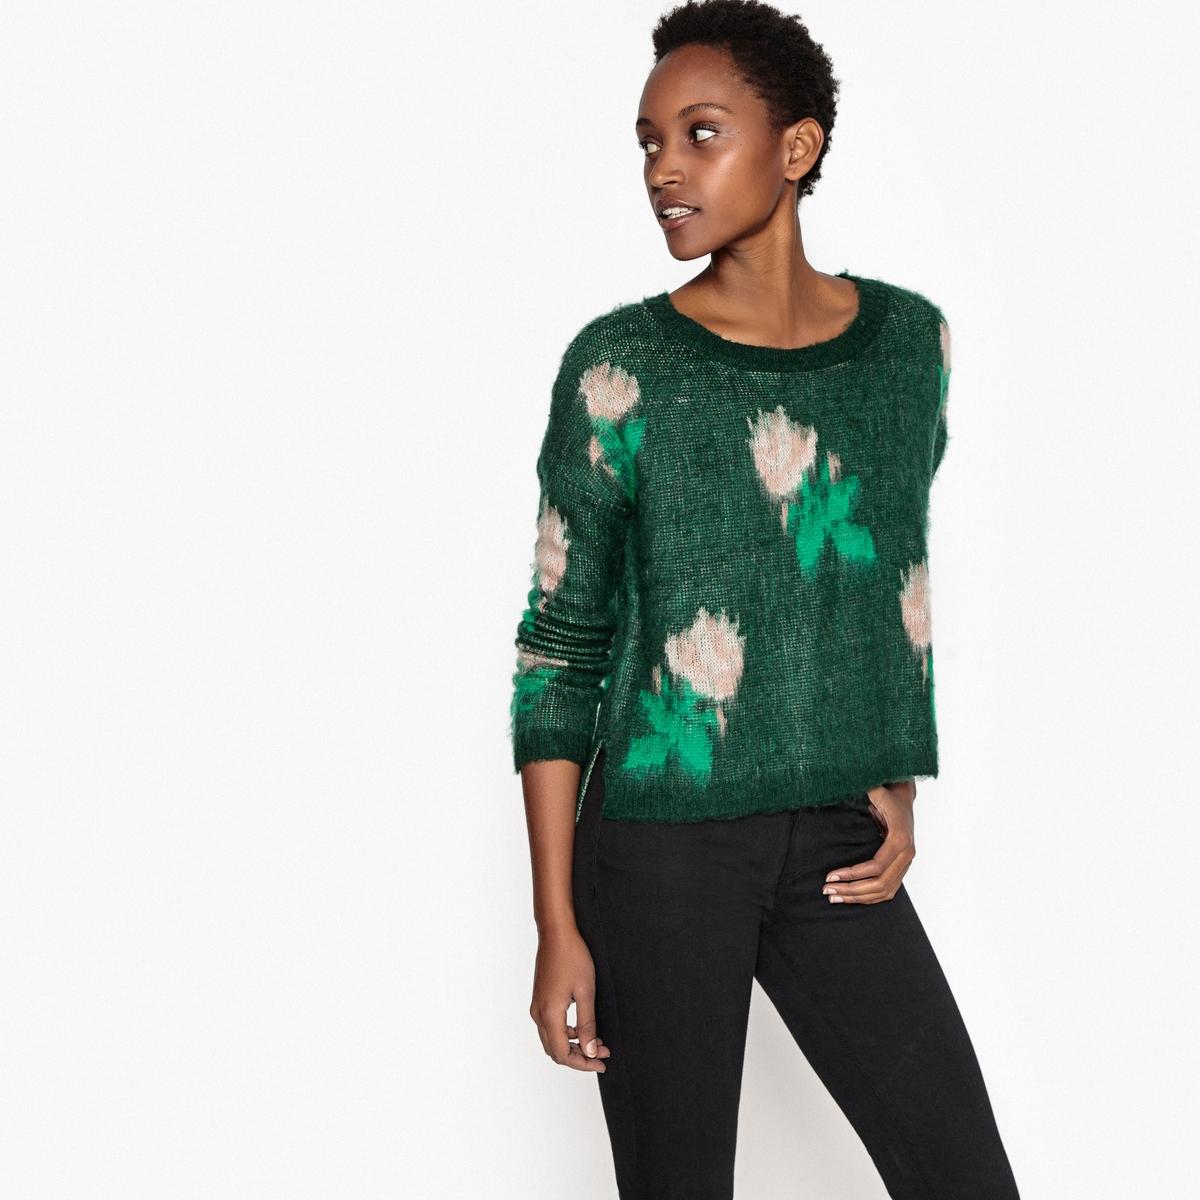 Пуловер с круглым вырезом из плотного трикотажаОписание:Детали •  Длинные рукава •  Круглый вырез •  Плотный трикотаж  •  Цветочный рисунок  Состав и уход •  100% акрил •  Следуйте советам по уходу, указанным на этикетке<br><br>Цвет: темно-зеленый<br>Размер: L